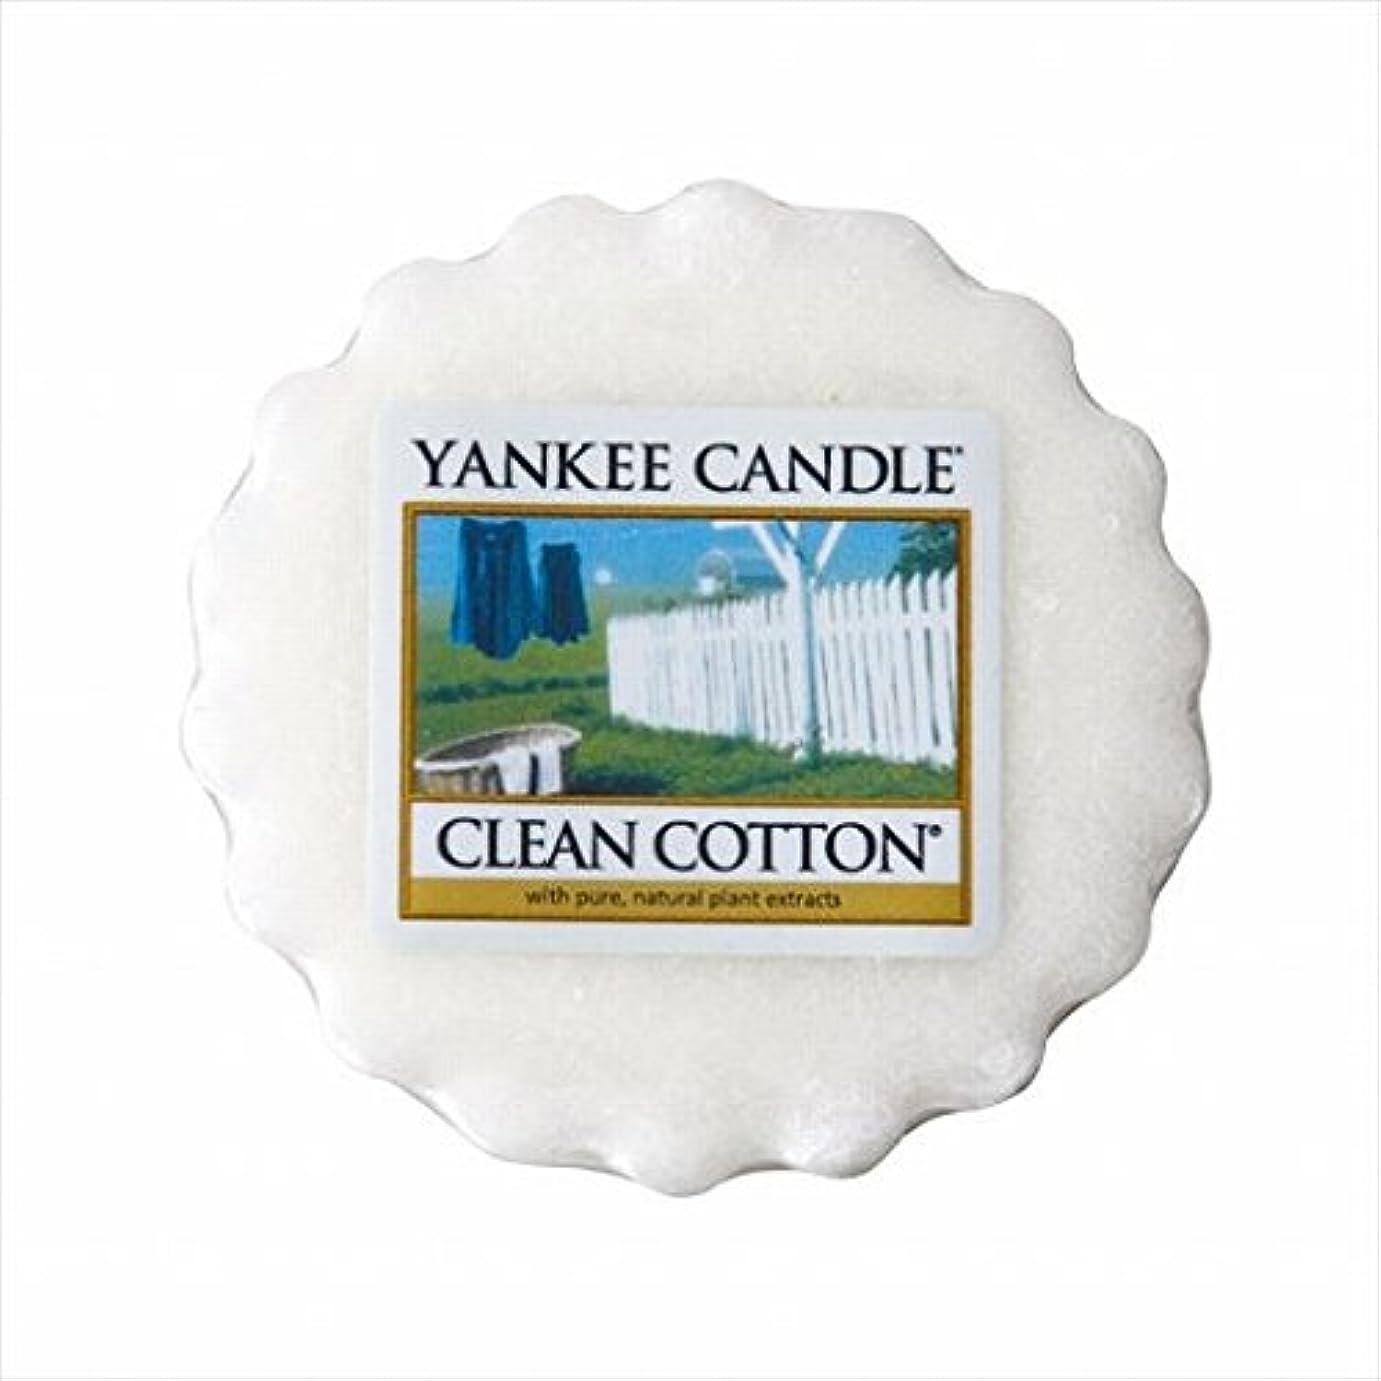 静かな格納感情カメヤマキャンドル( kameyama candle ) YANKEE CANDLE タルト ワックスポプリ 「 クリーンコットン 」